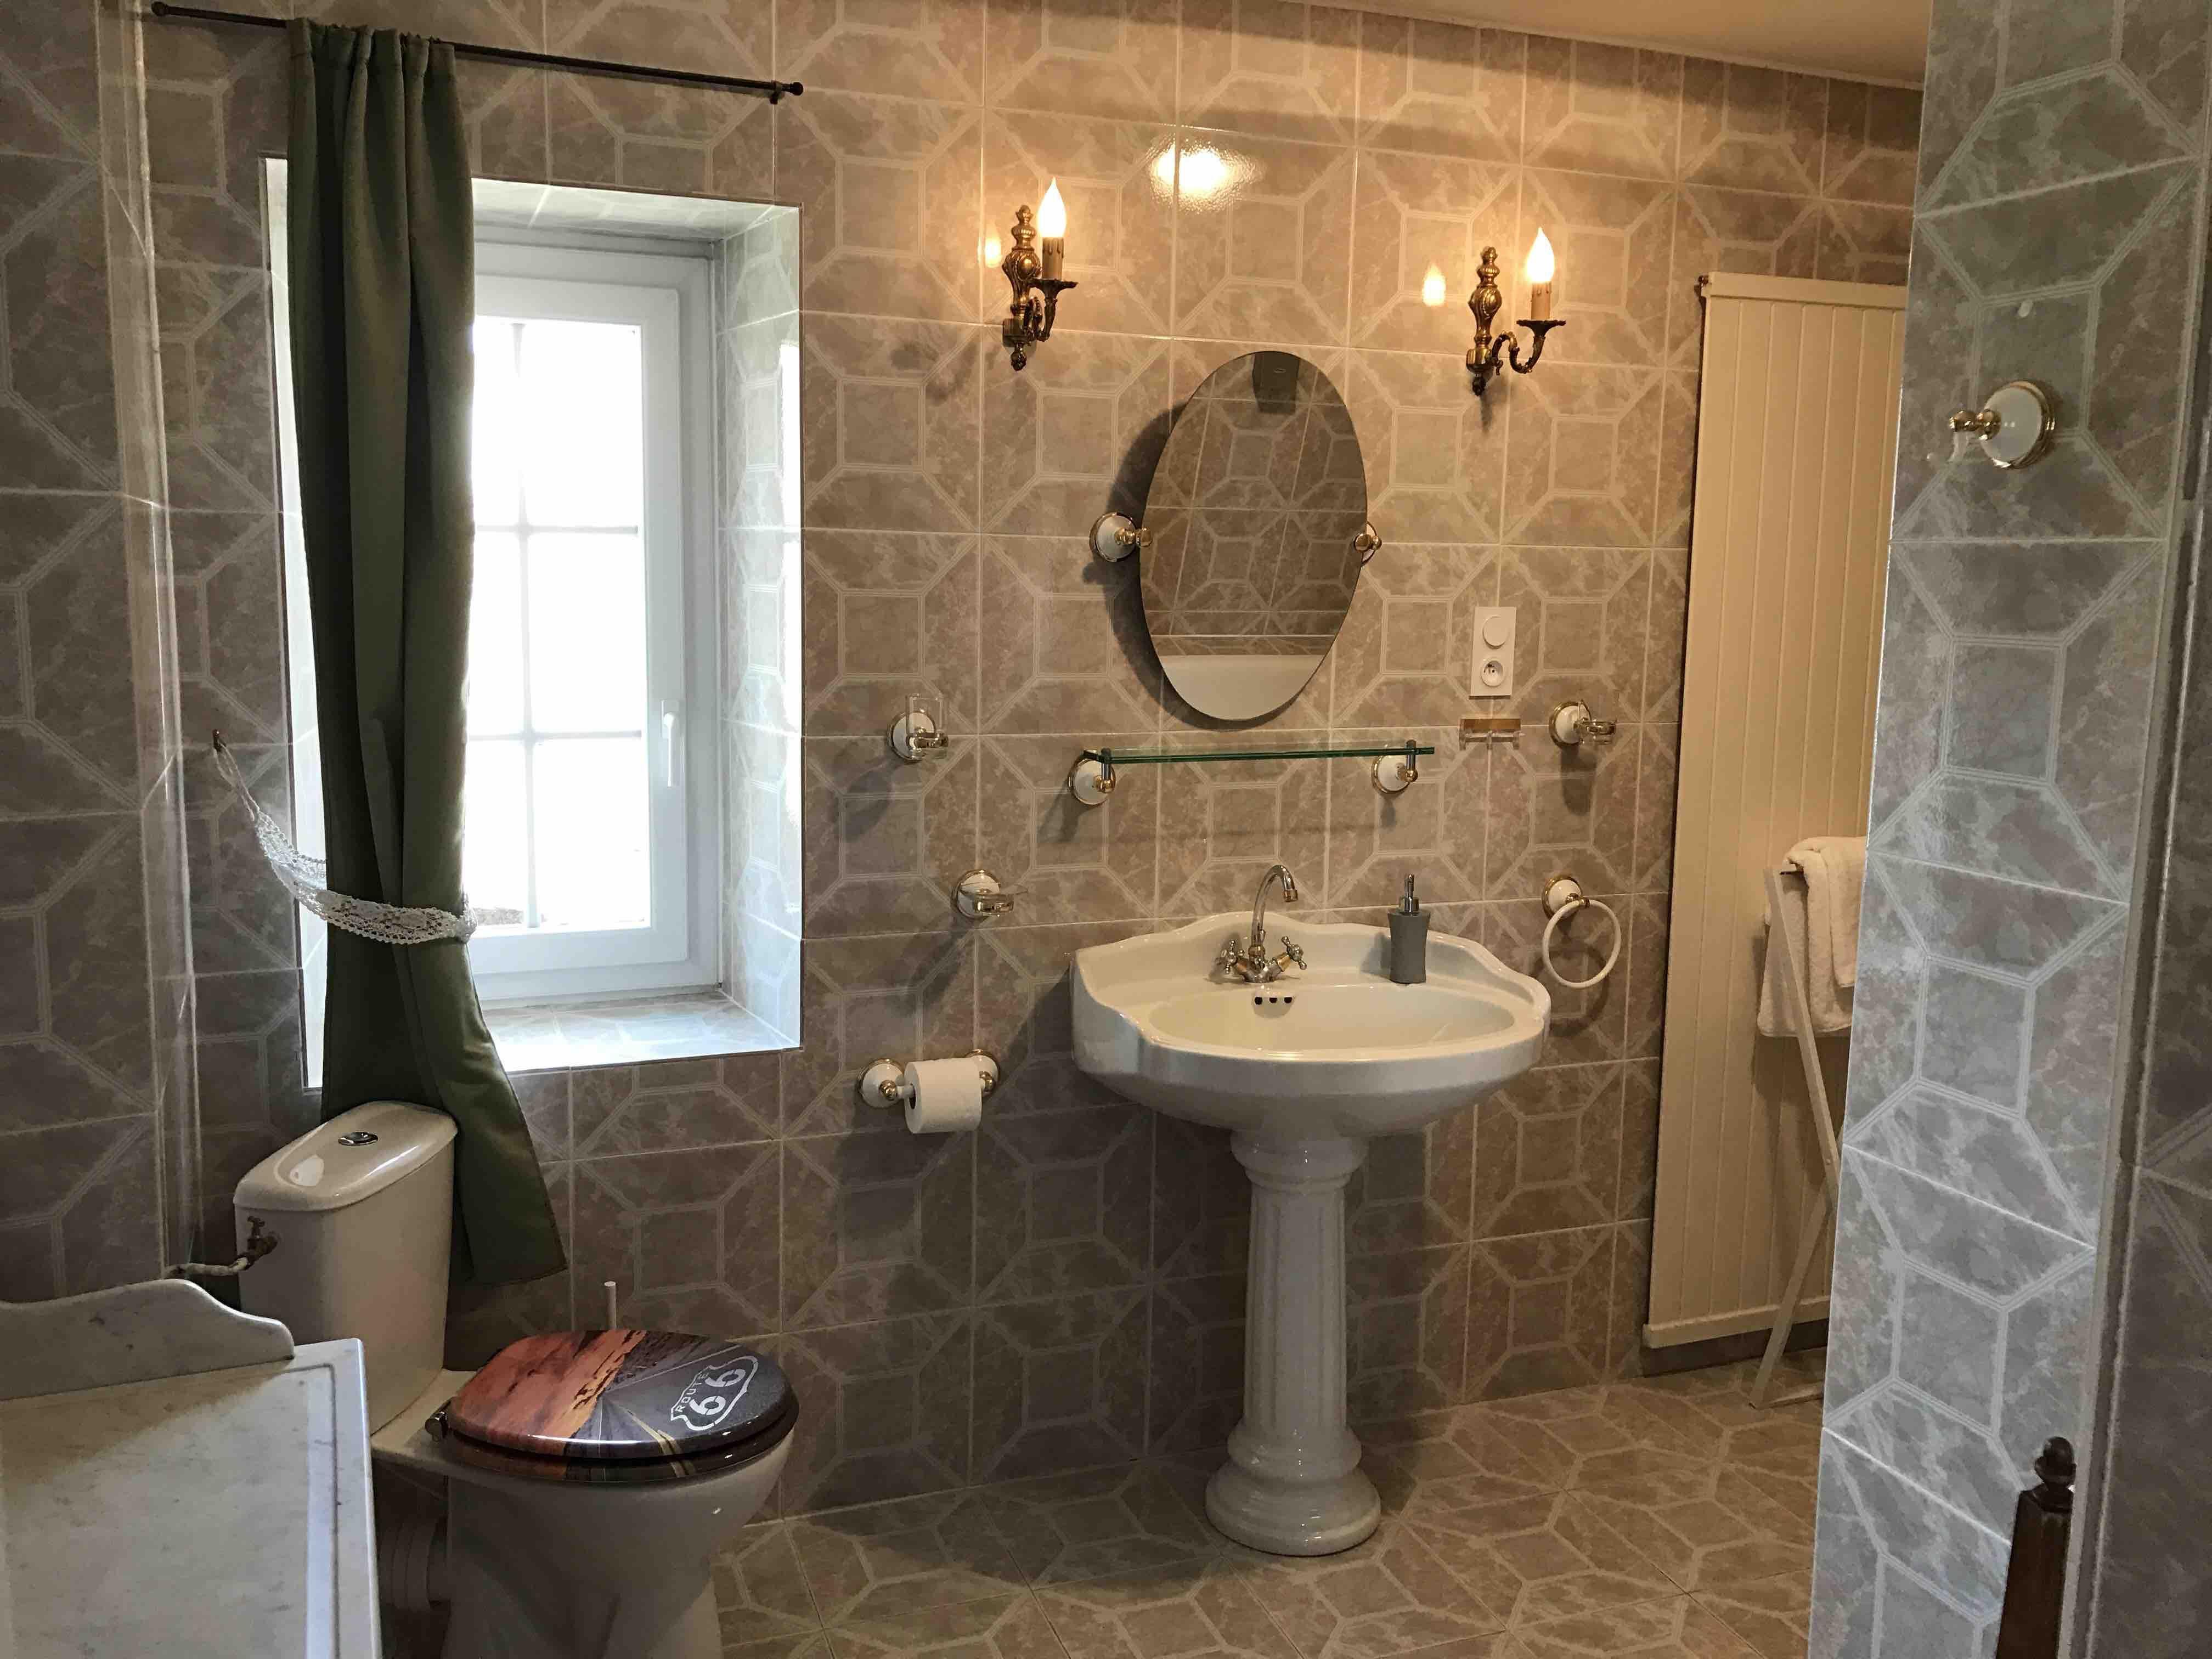 45+ Salle de bain privative ideas in 2021